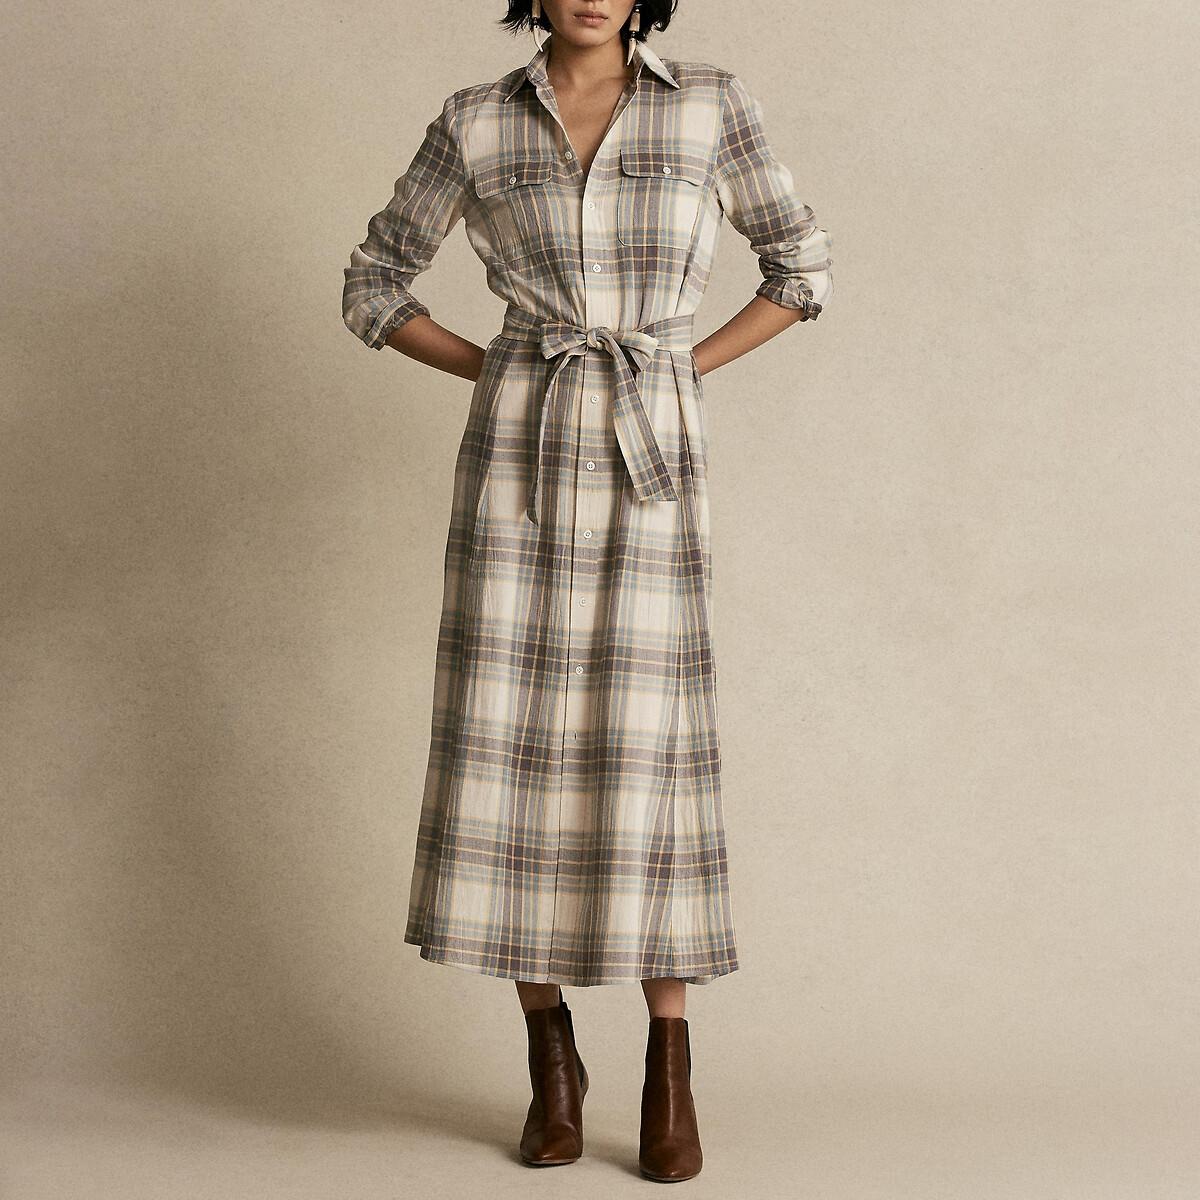 Платье-рубашка LaRedoute В клетку длинное L серый